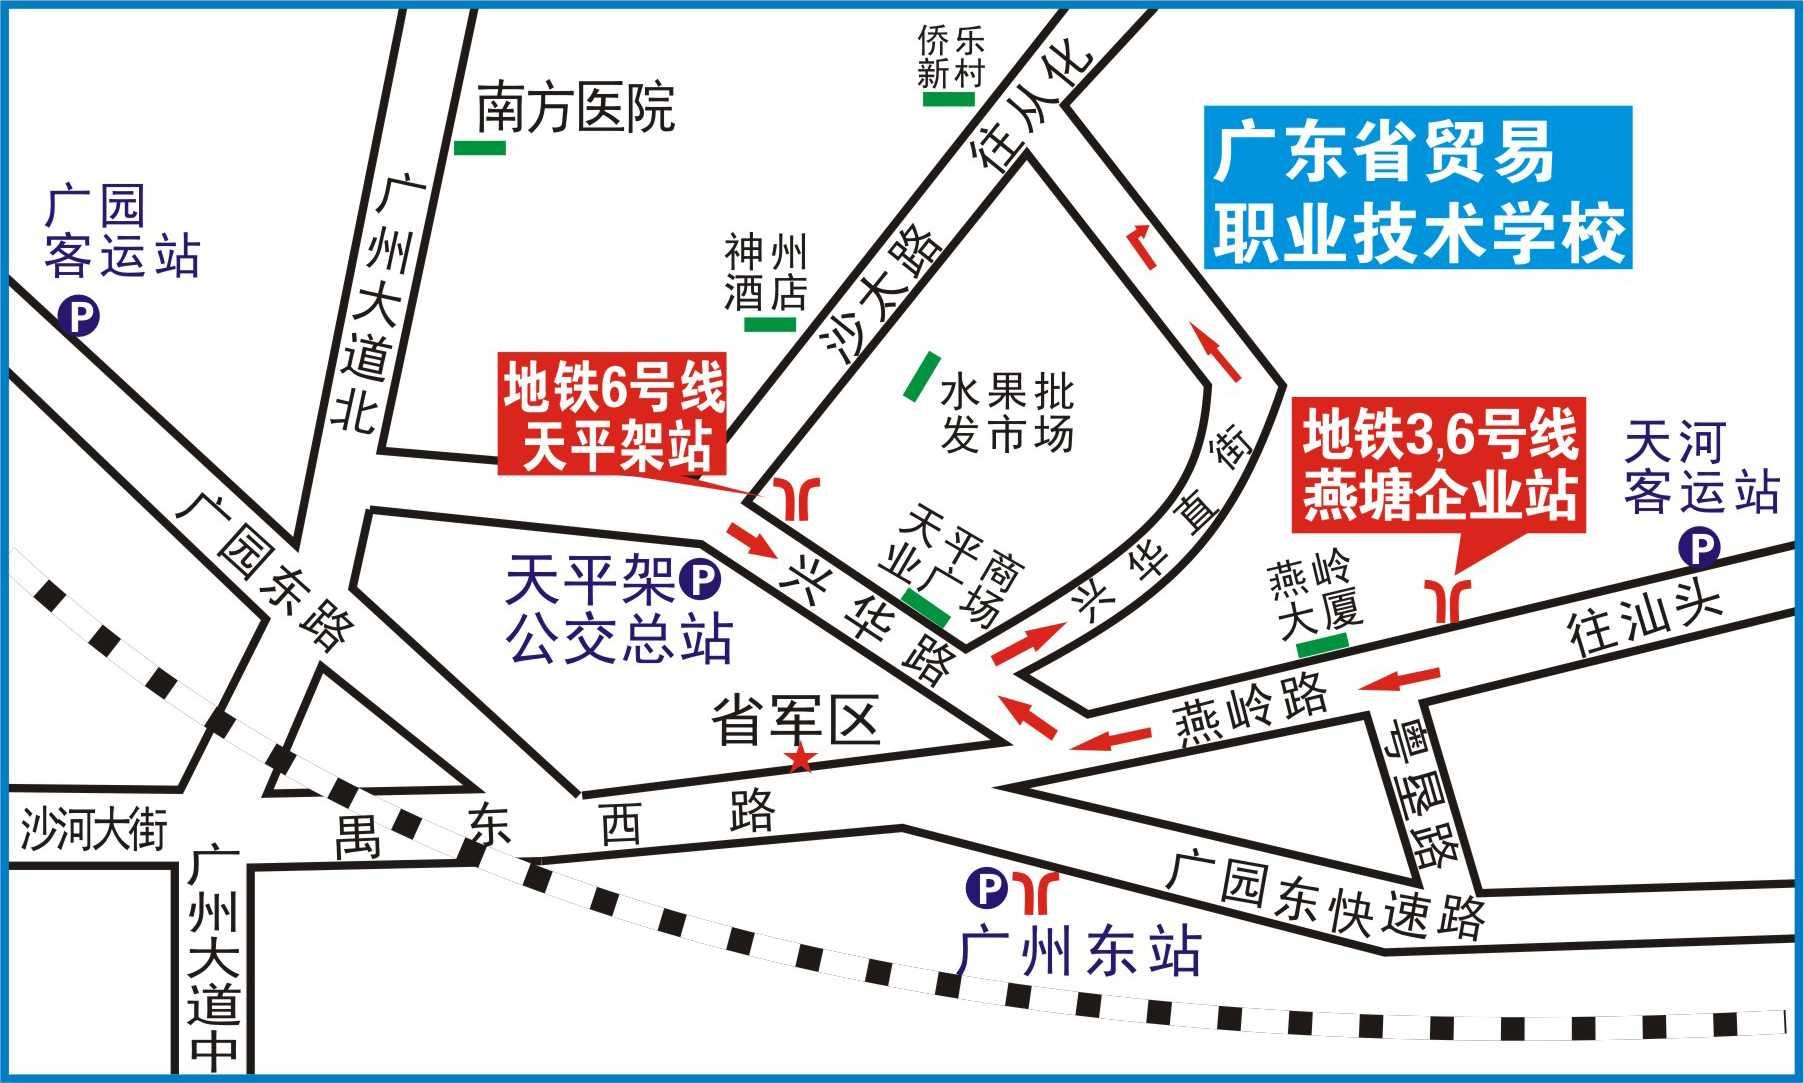 地址:广州市花都区花山镇源和村福源大道